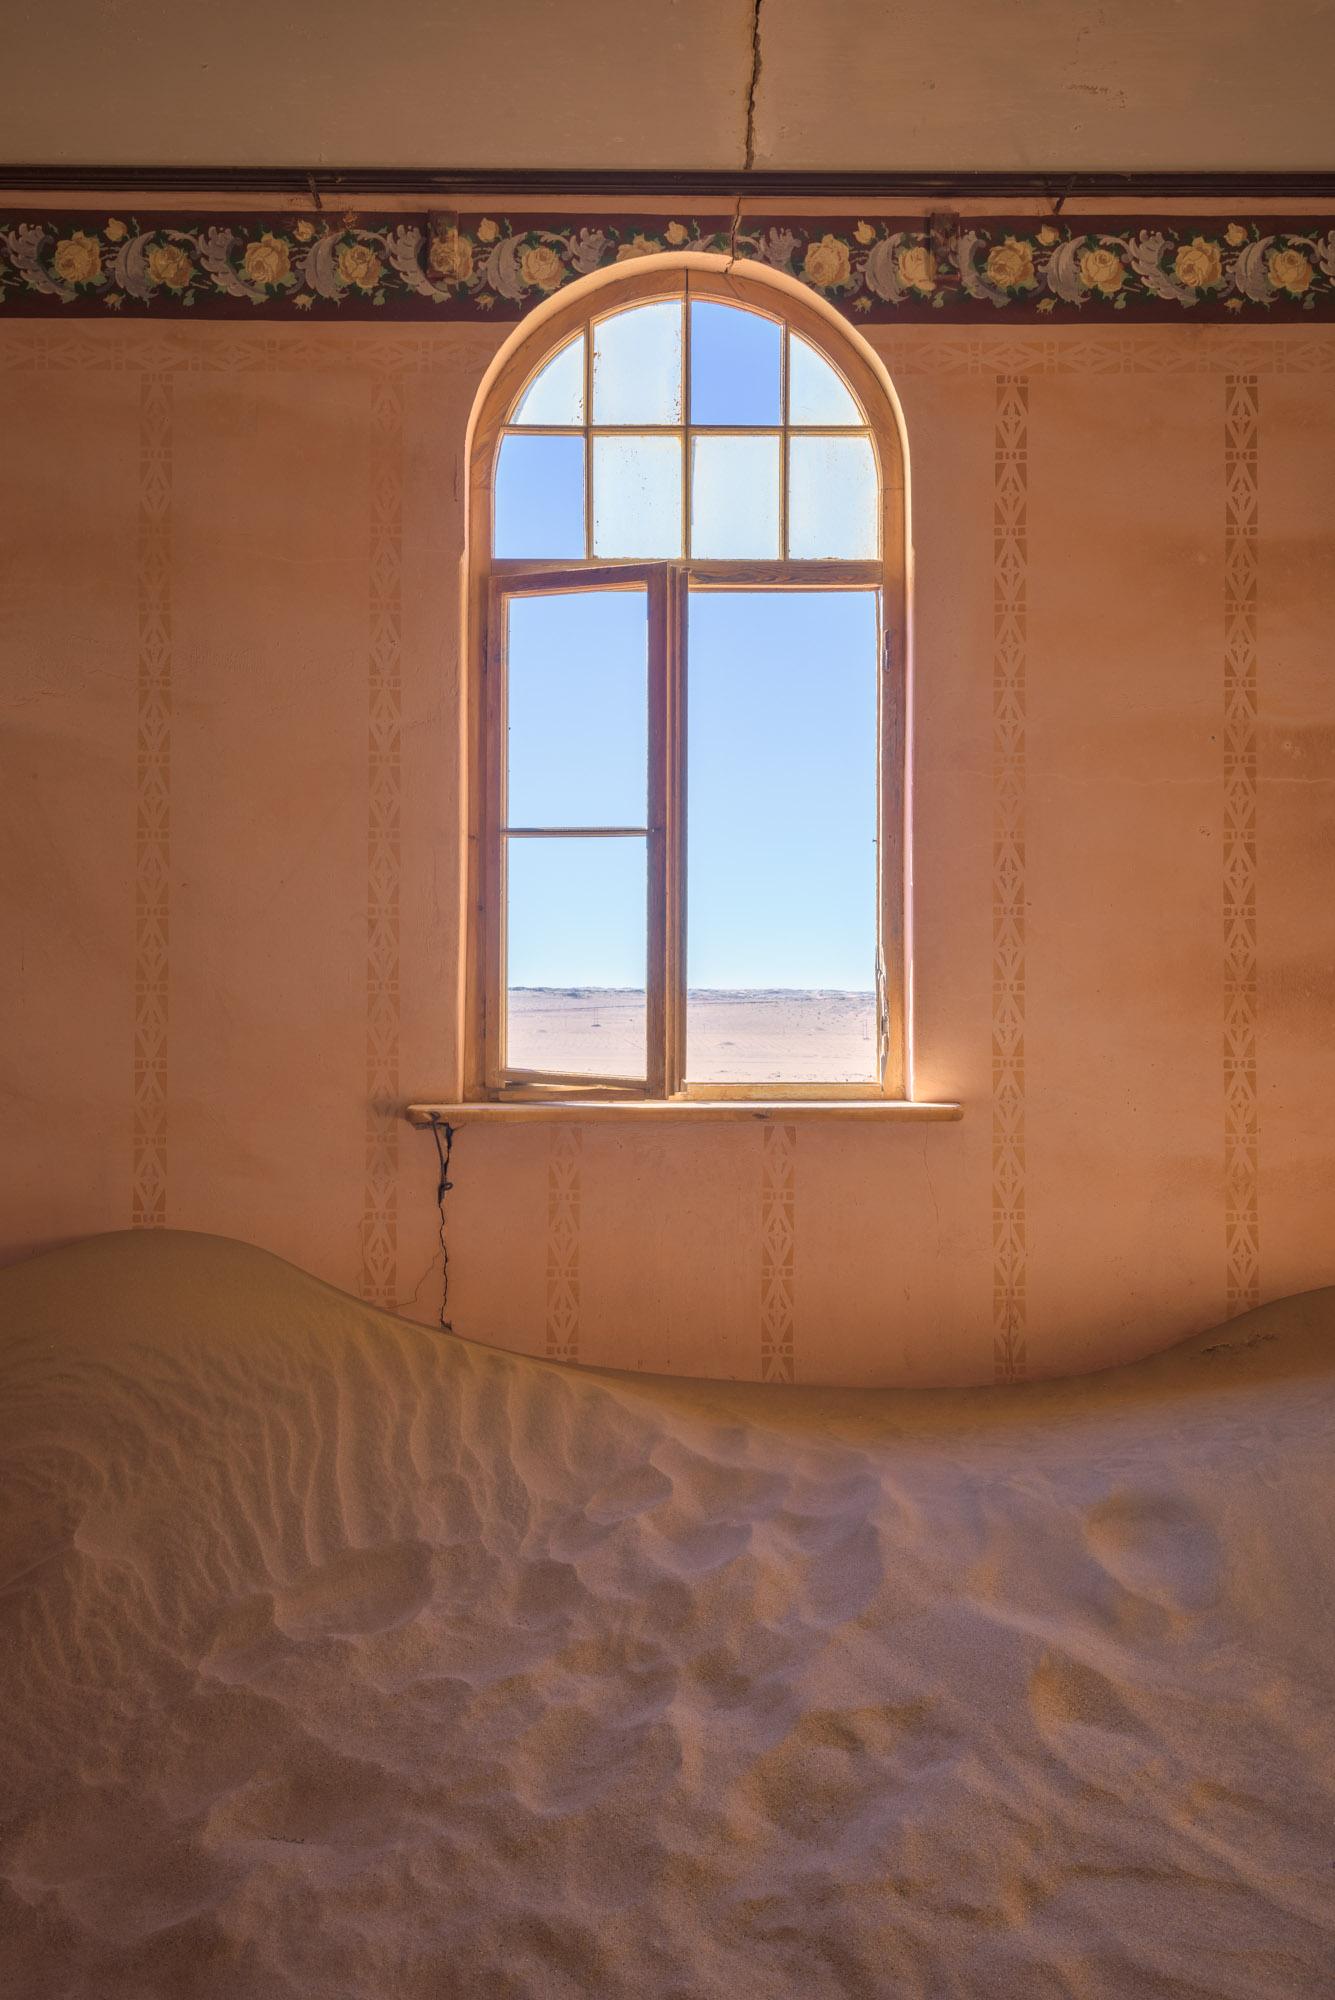 Window in an Abandoned House, Kolmanskop, Namibia